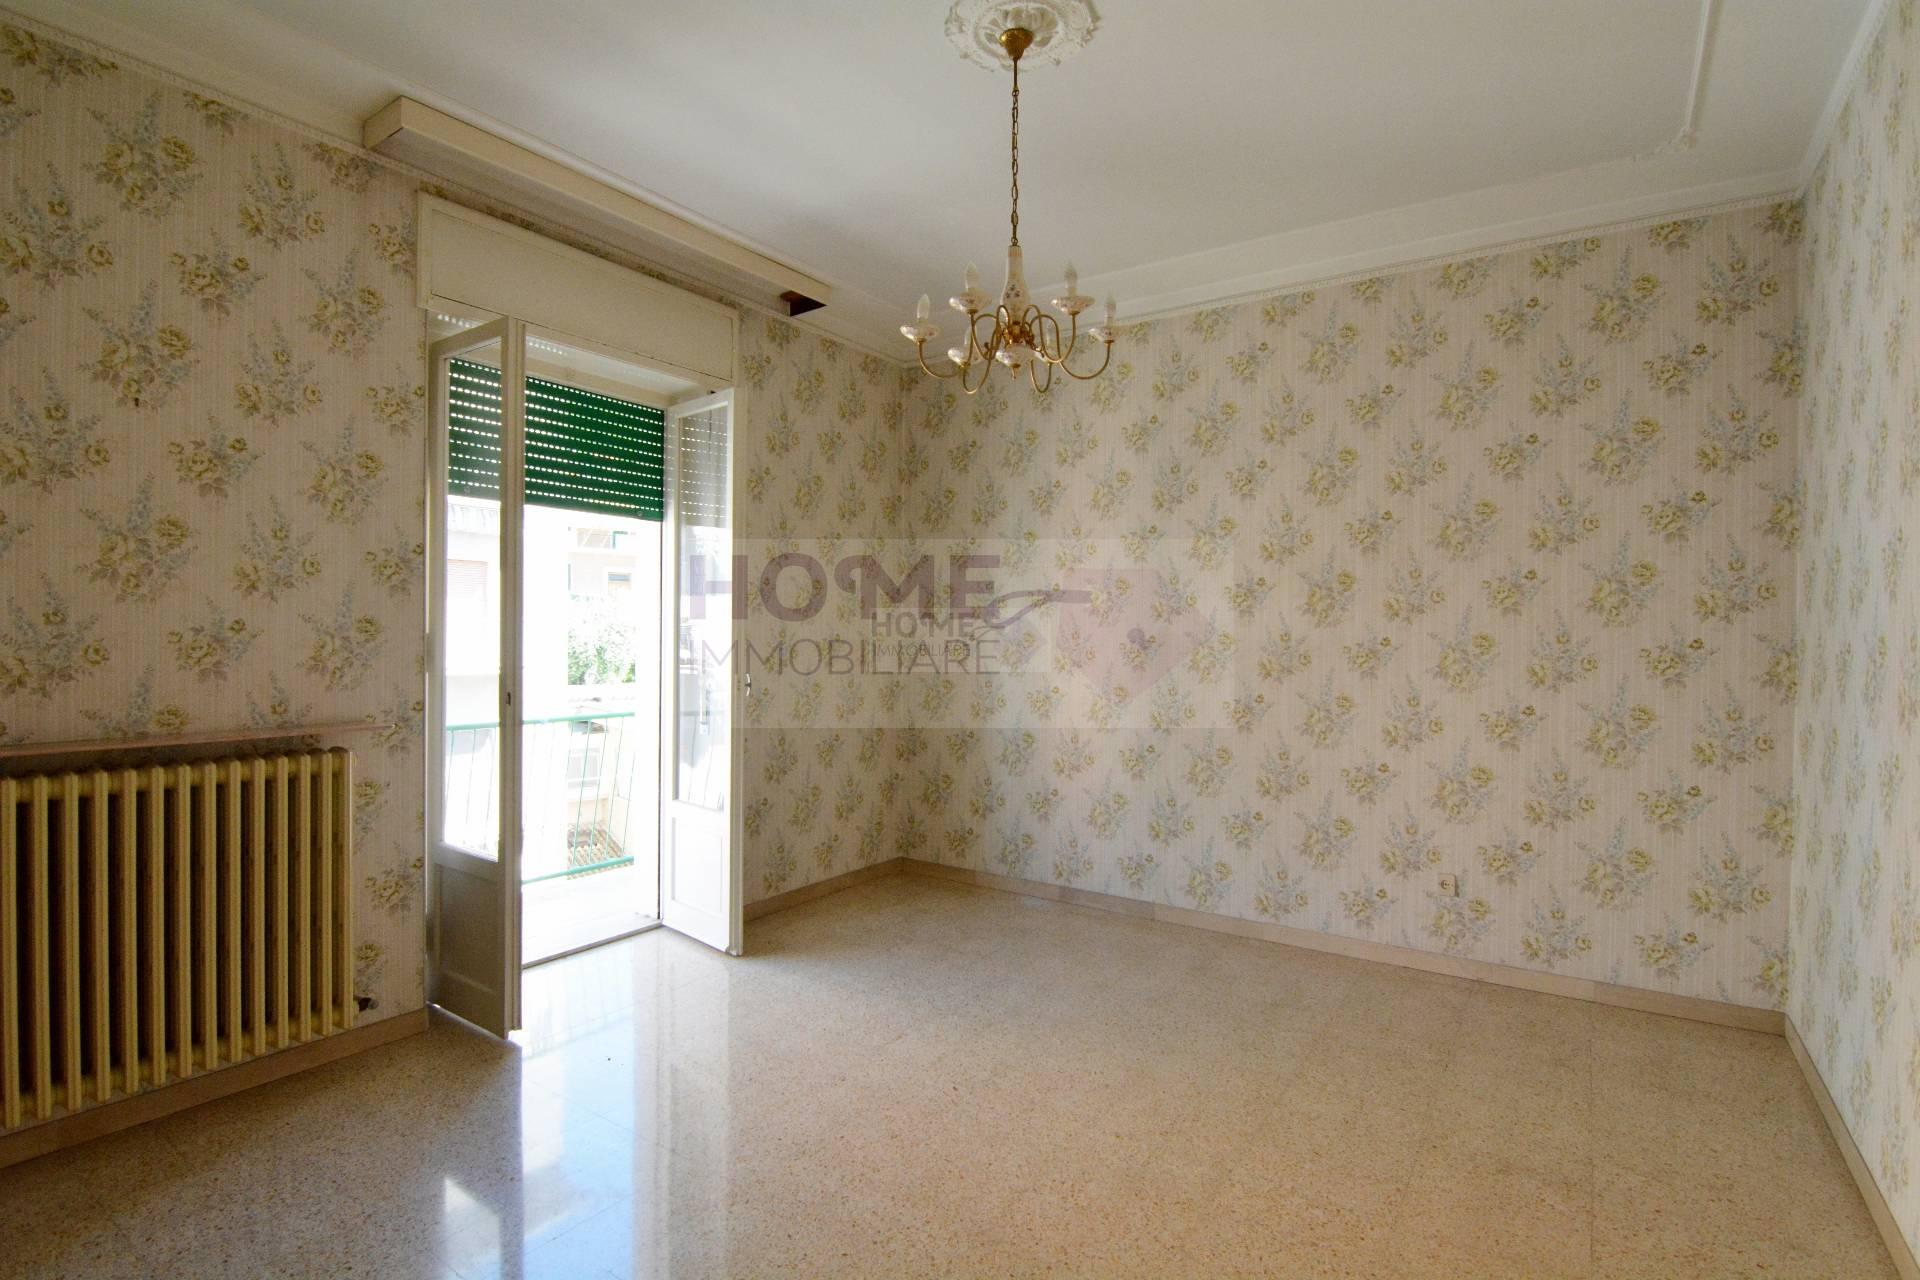 Appartamento in vendita a Macerata, 5 locali, zona Località: ZonaCentrale, prezzo € 85.000 | Cambio Casa.it